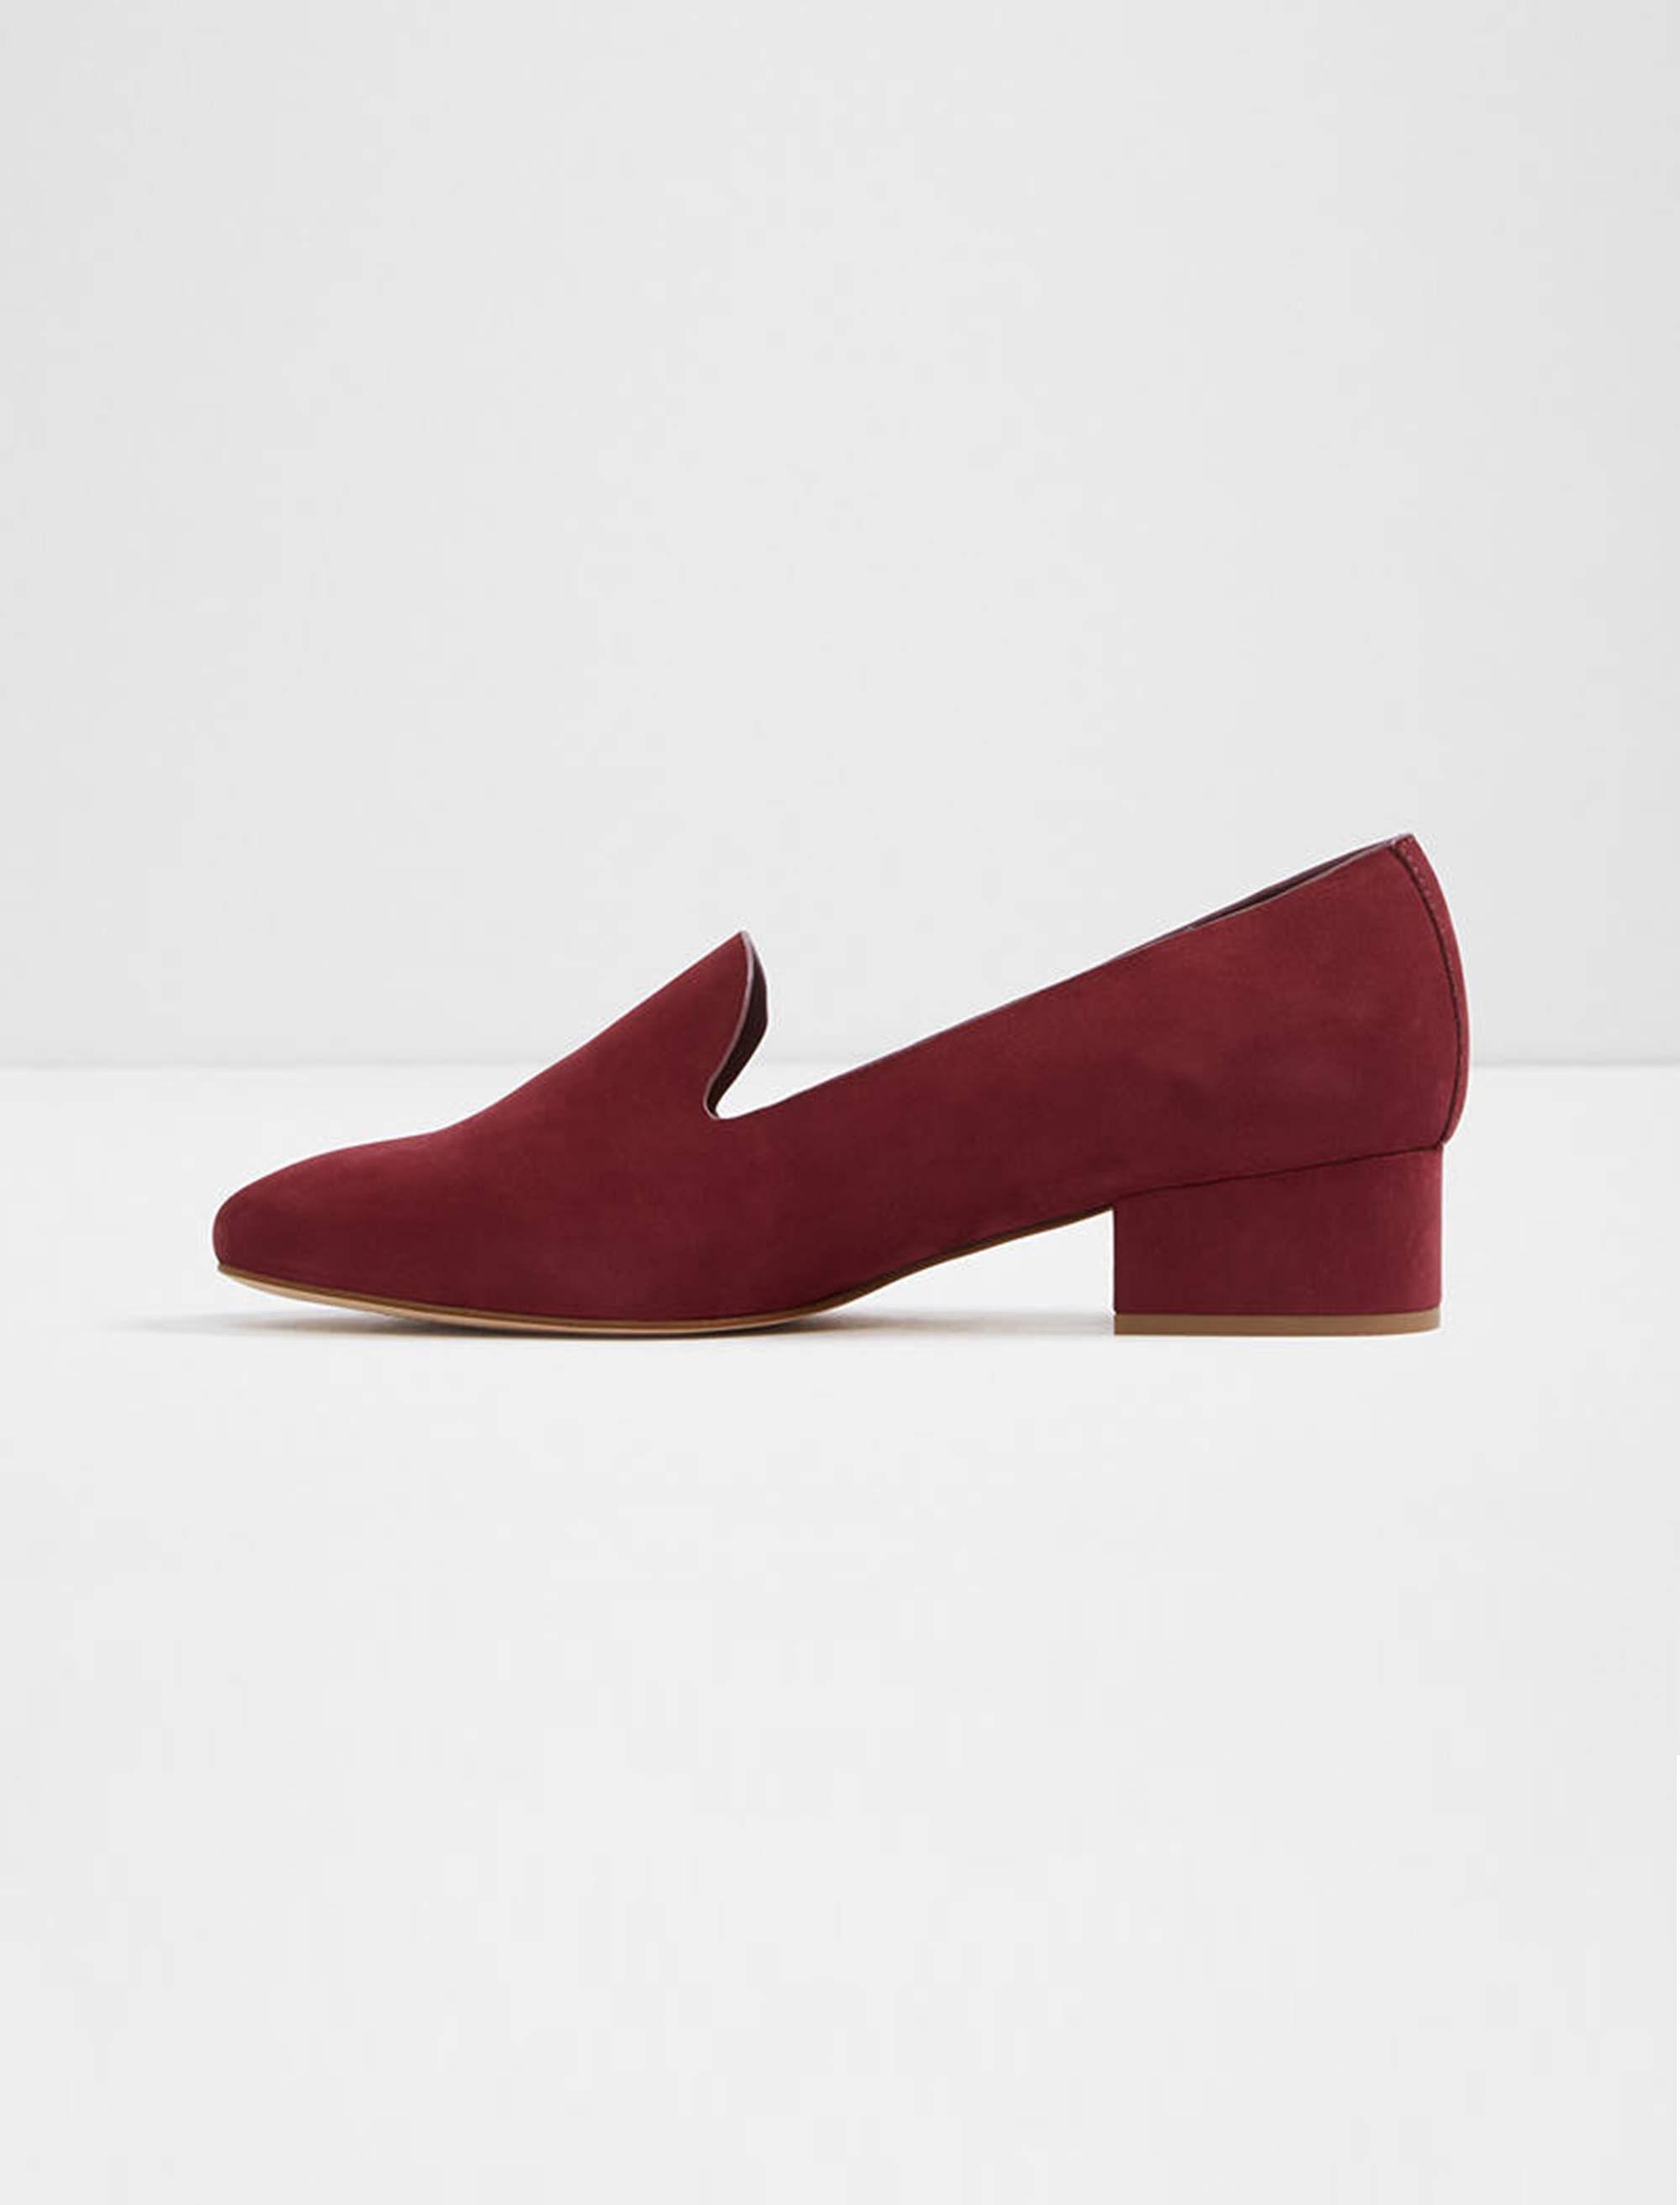 کفش پاشنه بلند نبوک زنانه - زرشکي - 2